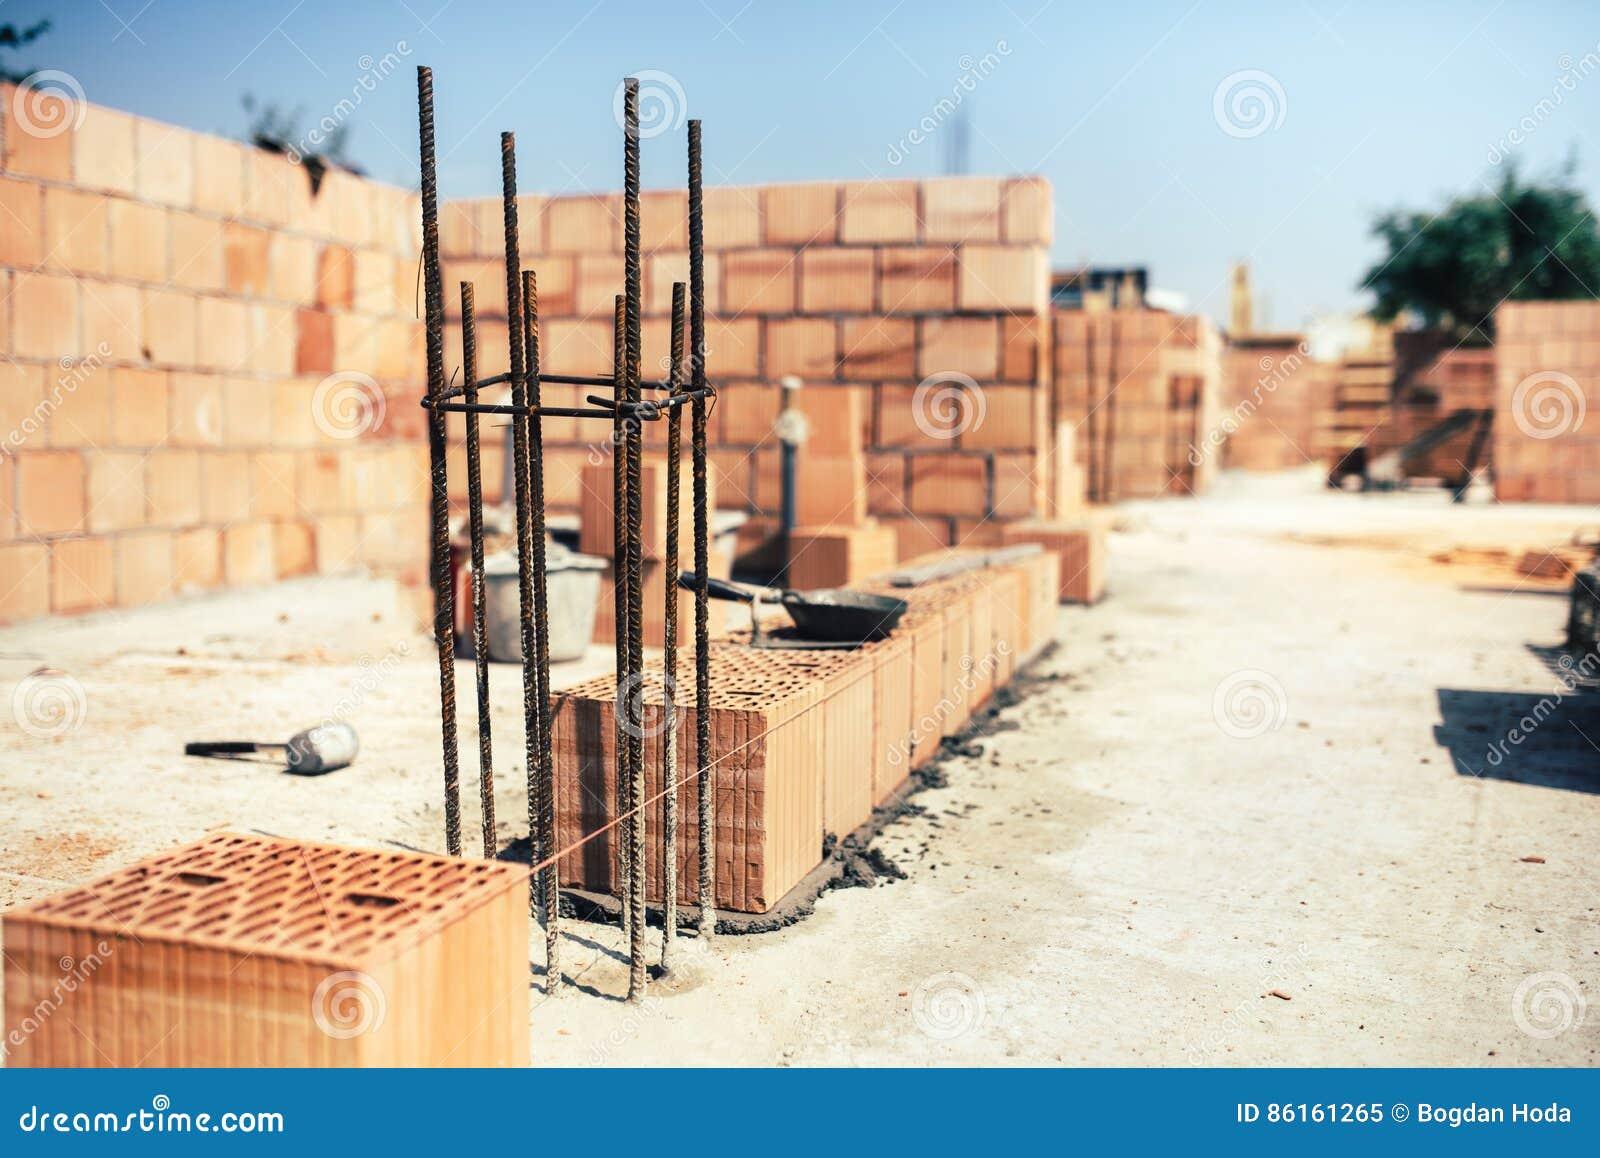 de la obra colocando ladrillos en el cemento mientras que construye las paredes exteriores